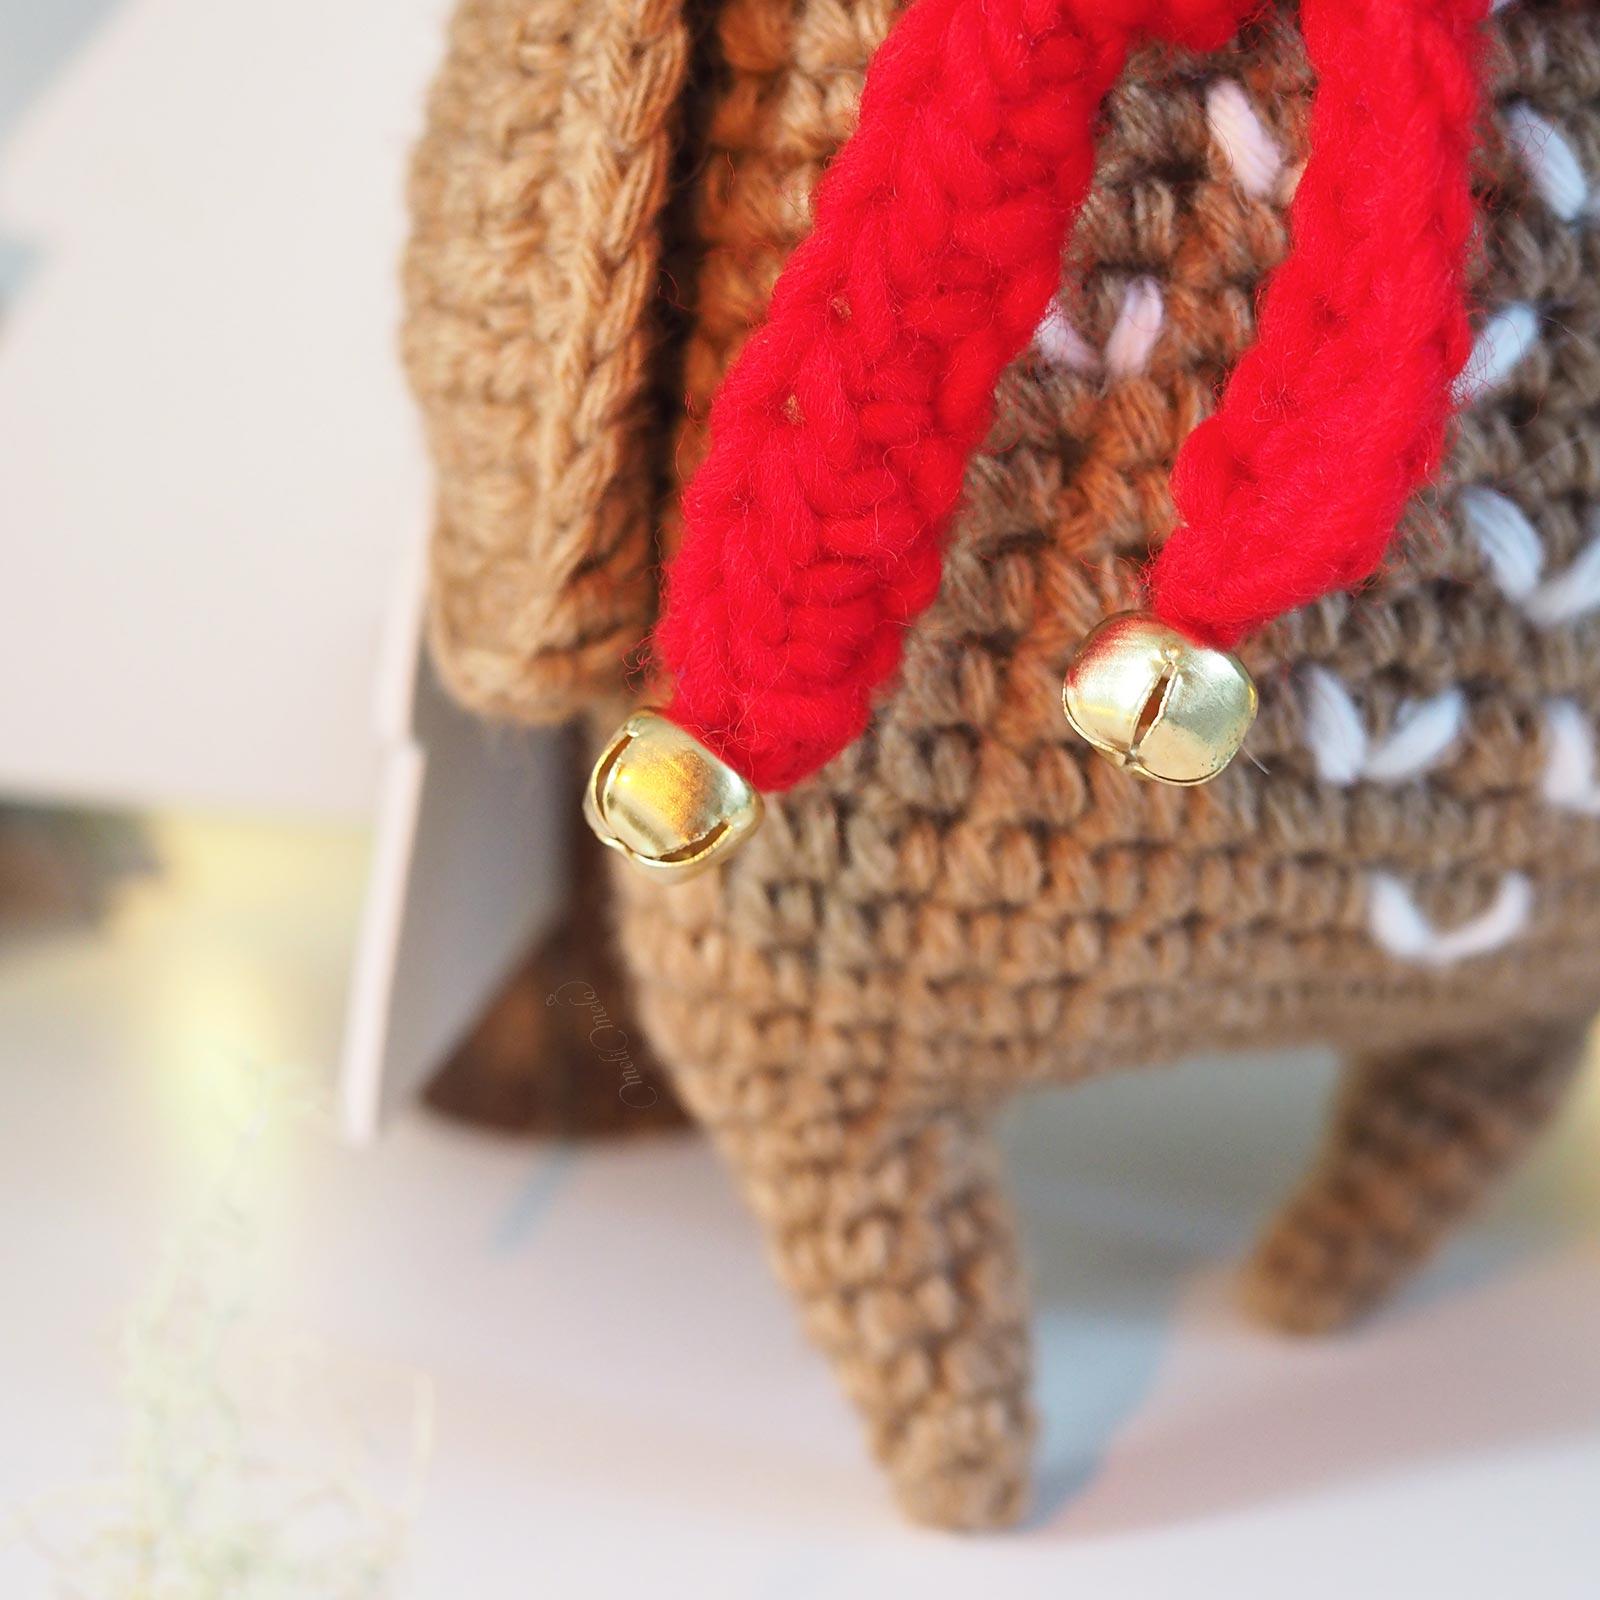 écharpe rouge clochette crochet chouette Noël boutique MeliMelo